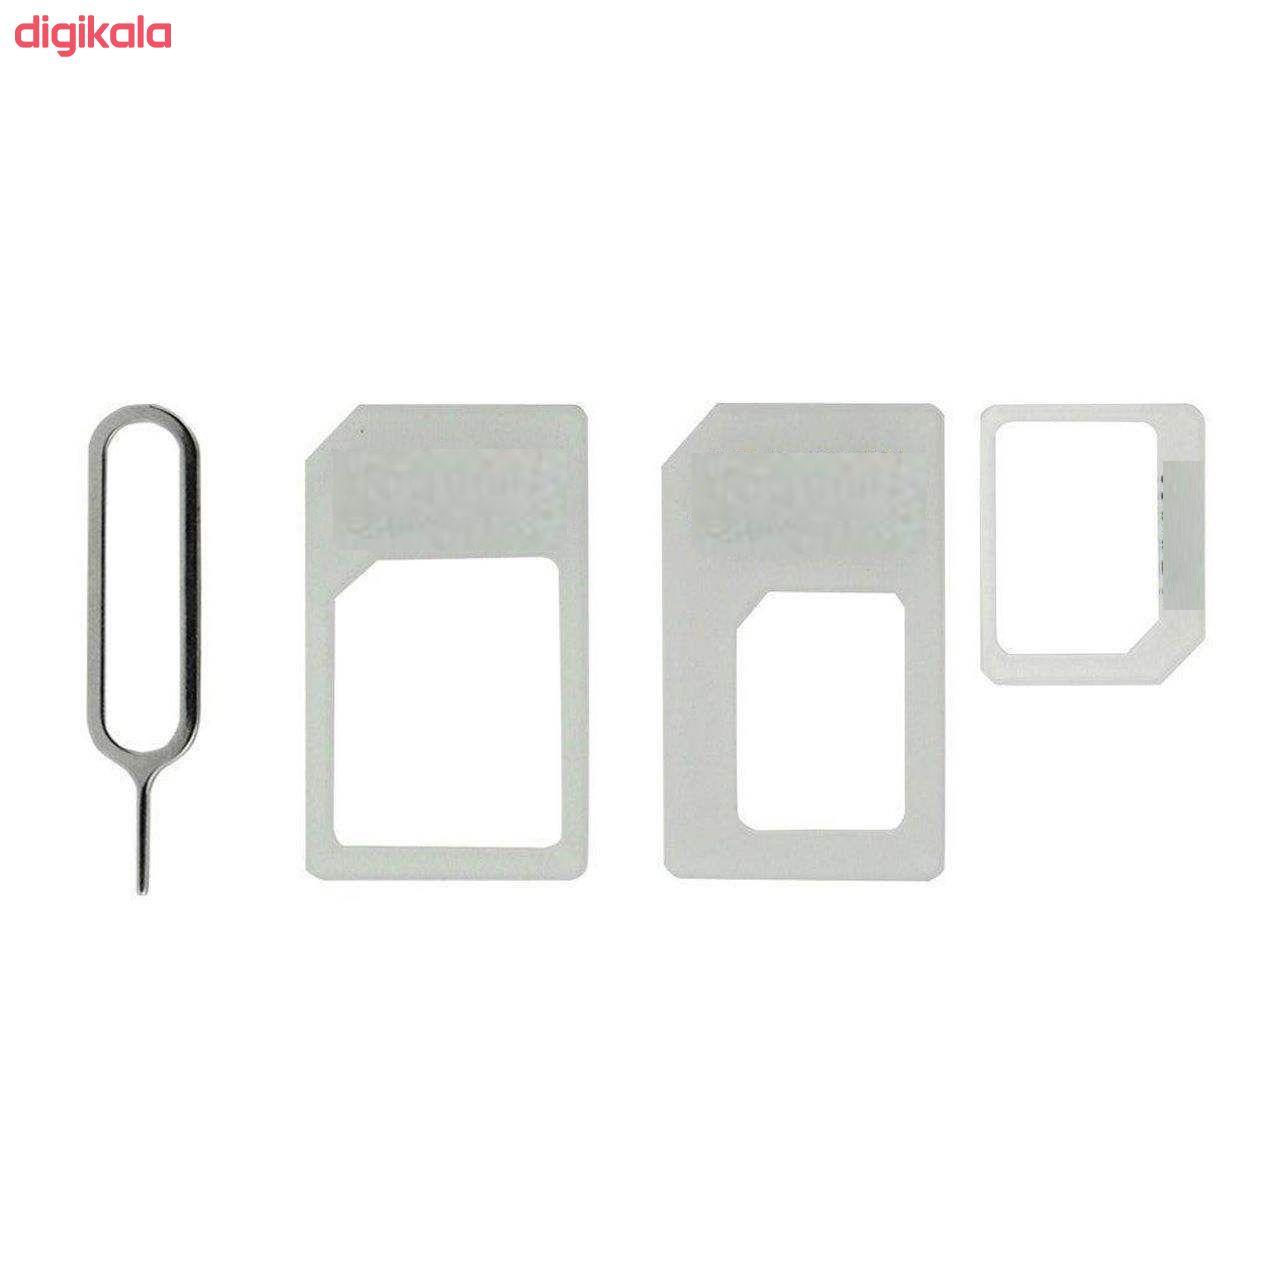 مجموعه لوازم جانبی گوشی موبایل مدل 4A main 1 4